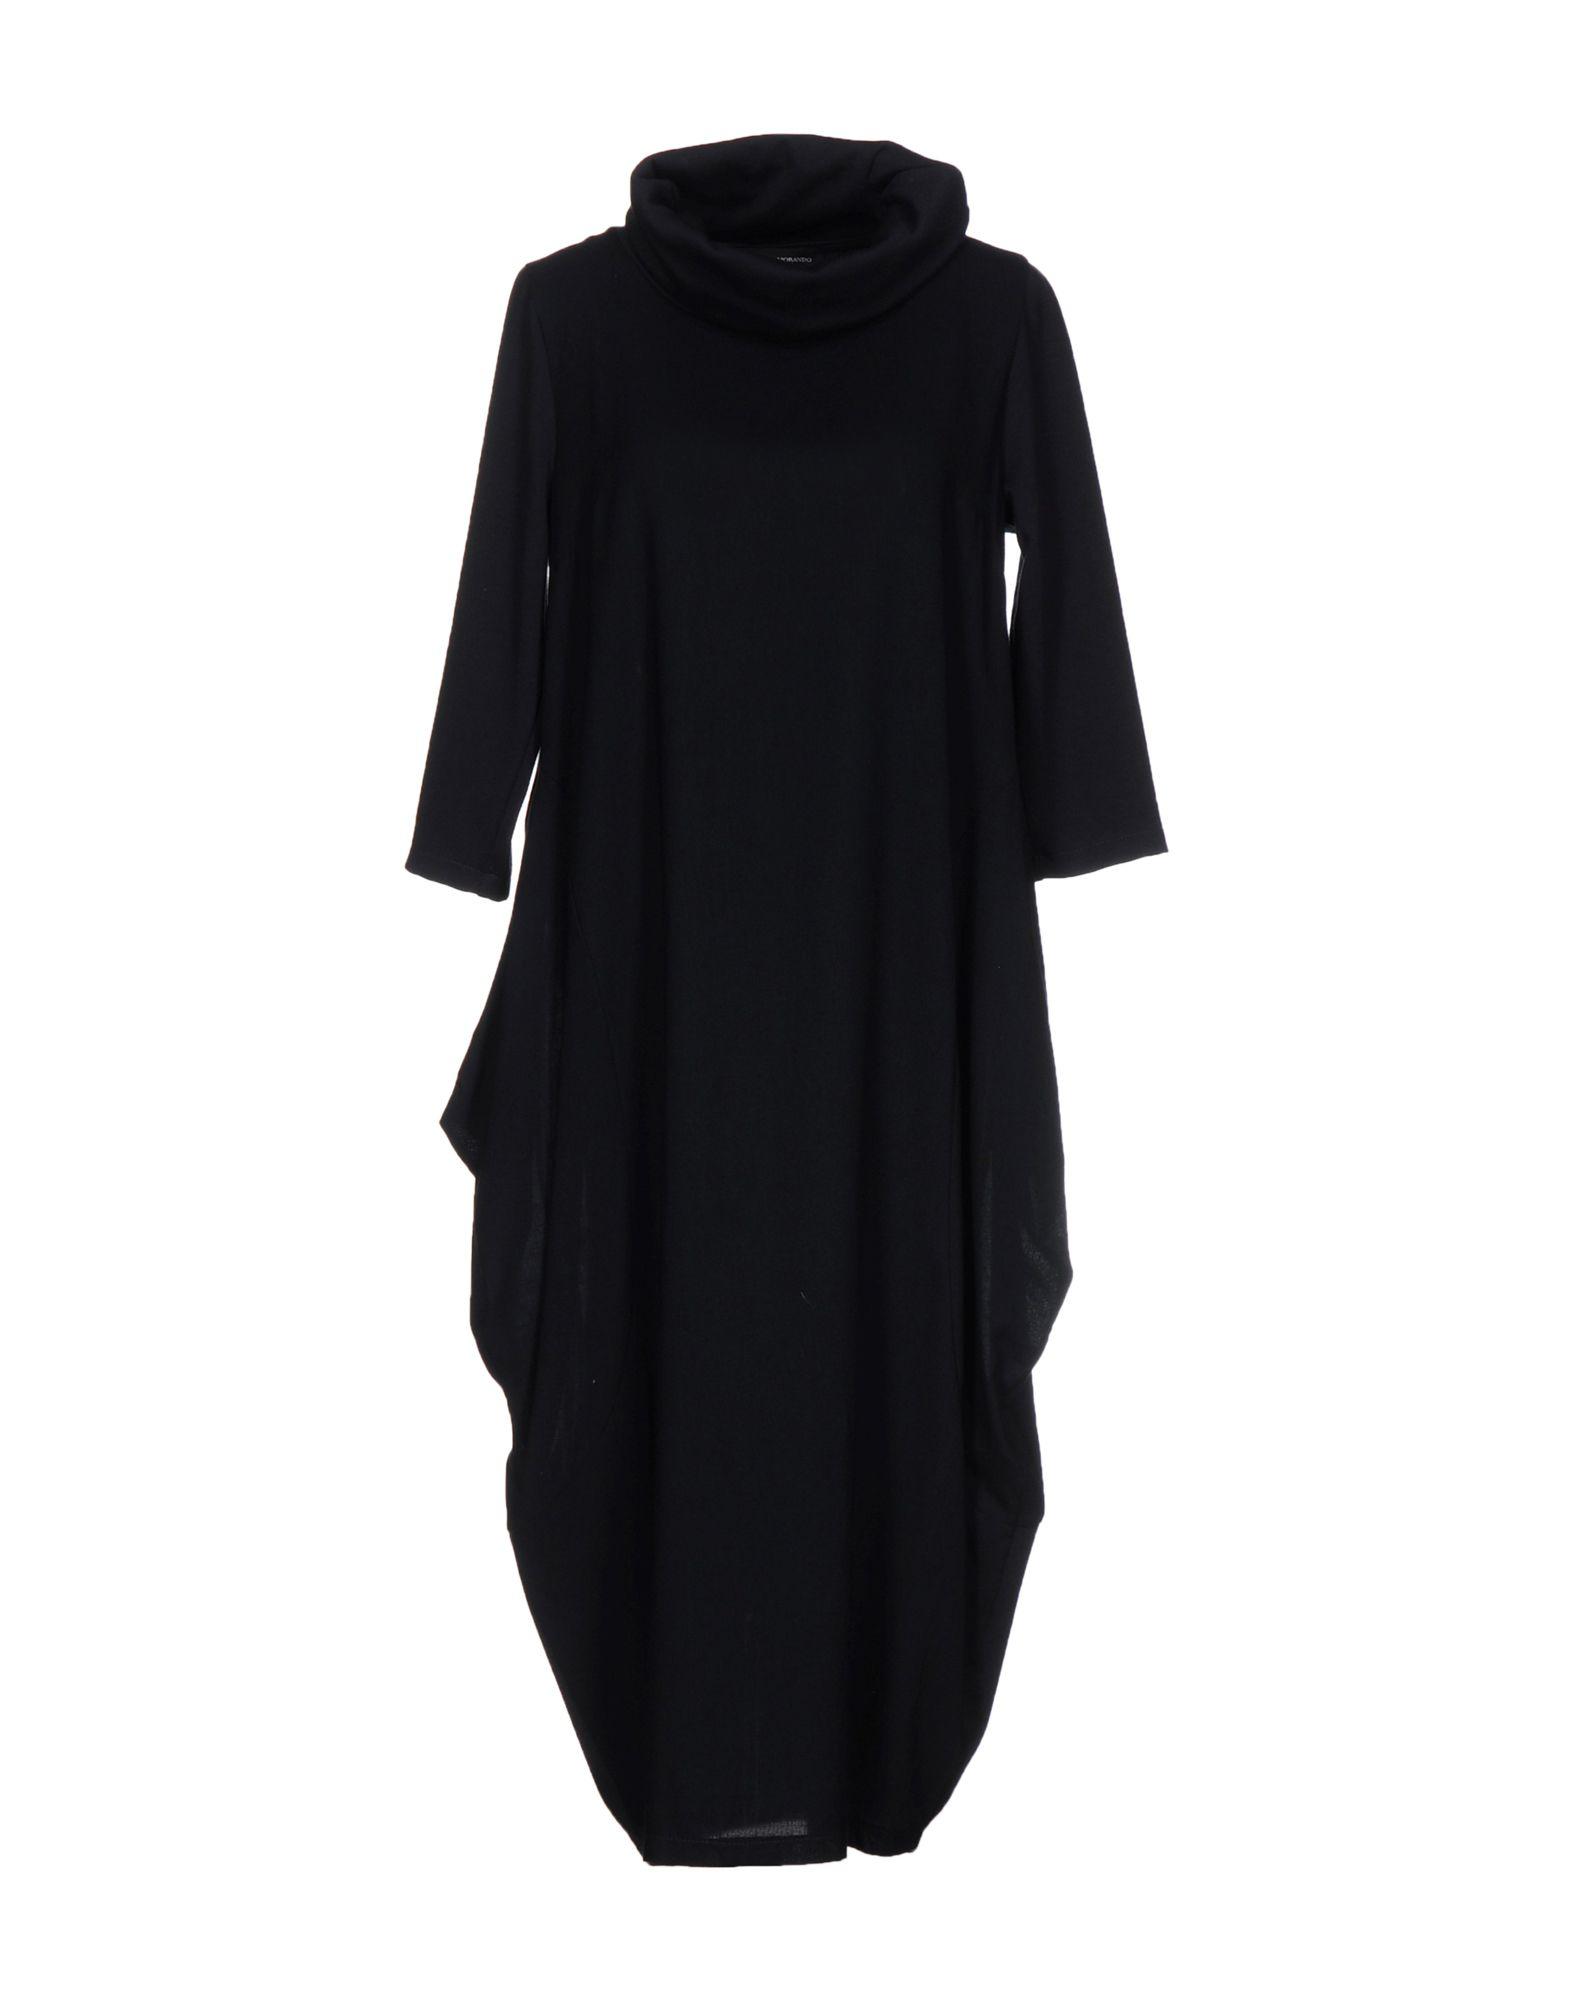 ANDREA MORANDO Платье длиной 3/4 neeru kumar платье длиной 3 4